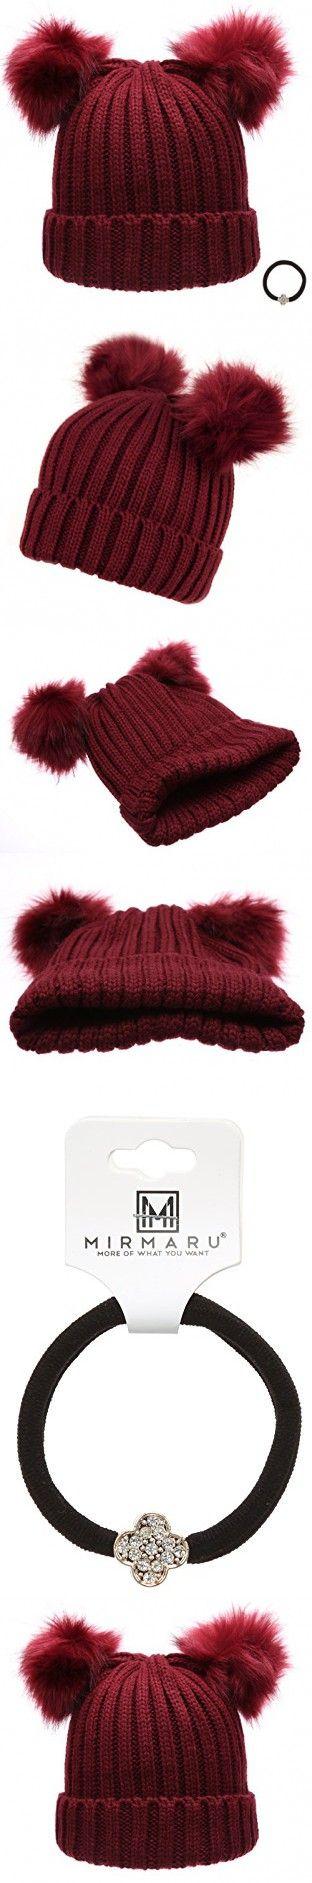 Women's Winter Chunky Knit Double Pom Pom Beanie Hat With Hair Tie.(Burgundy)